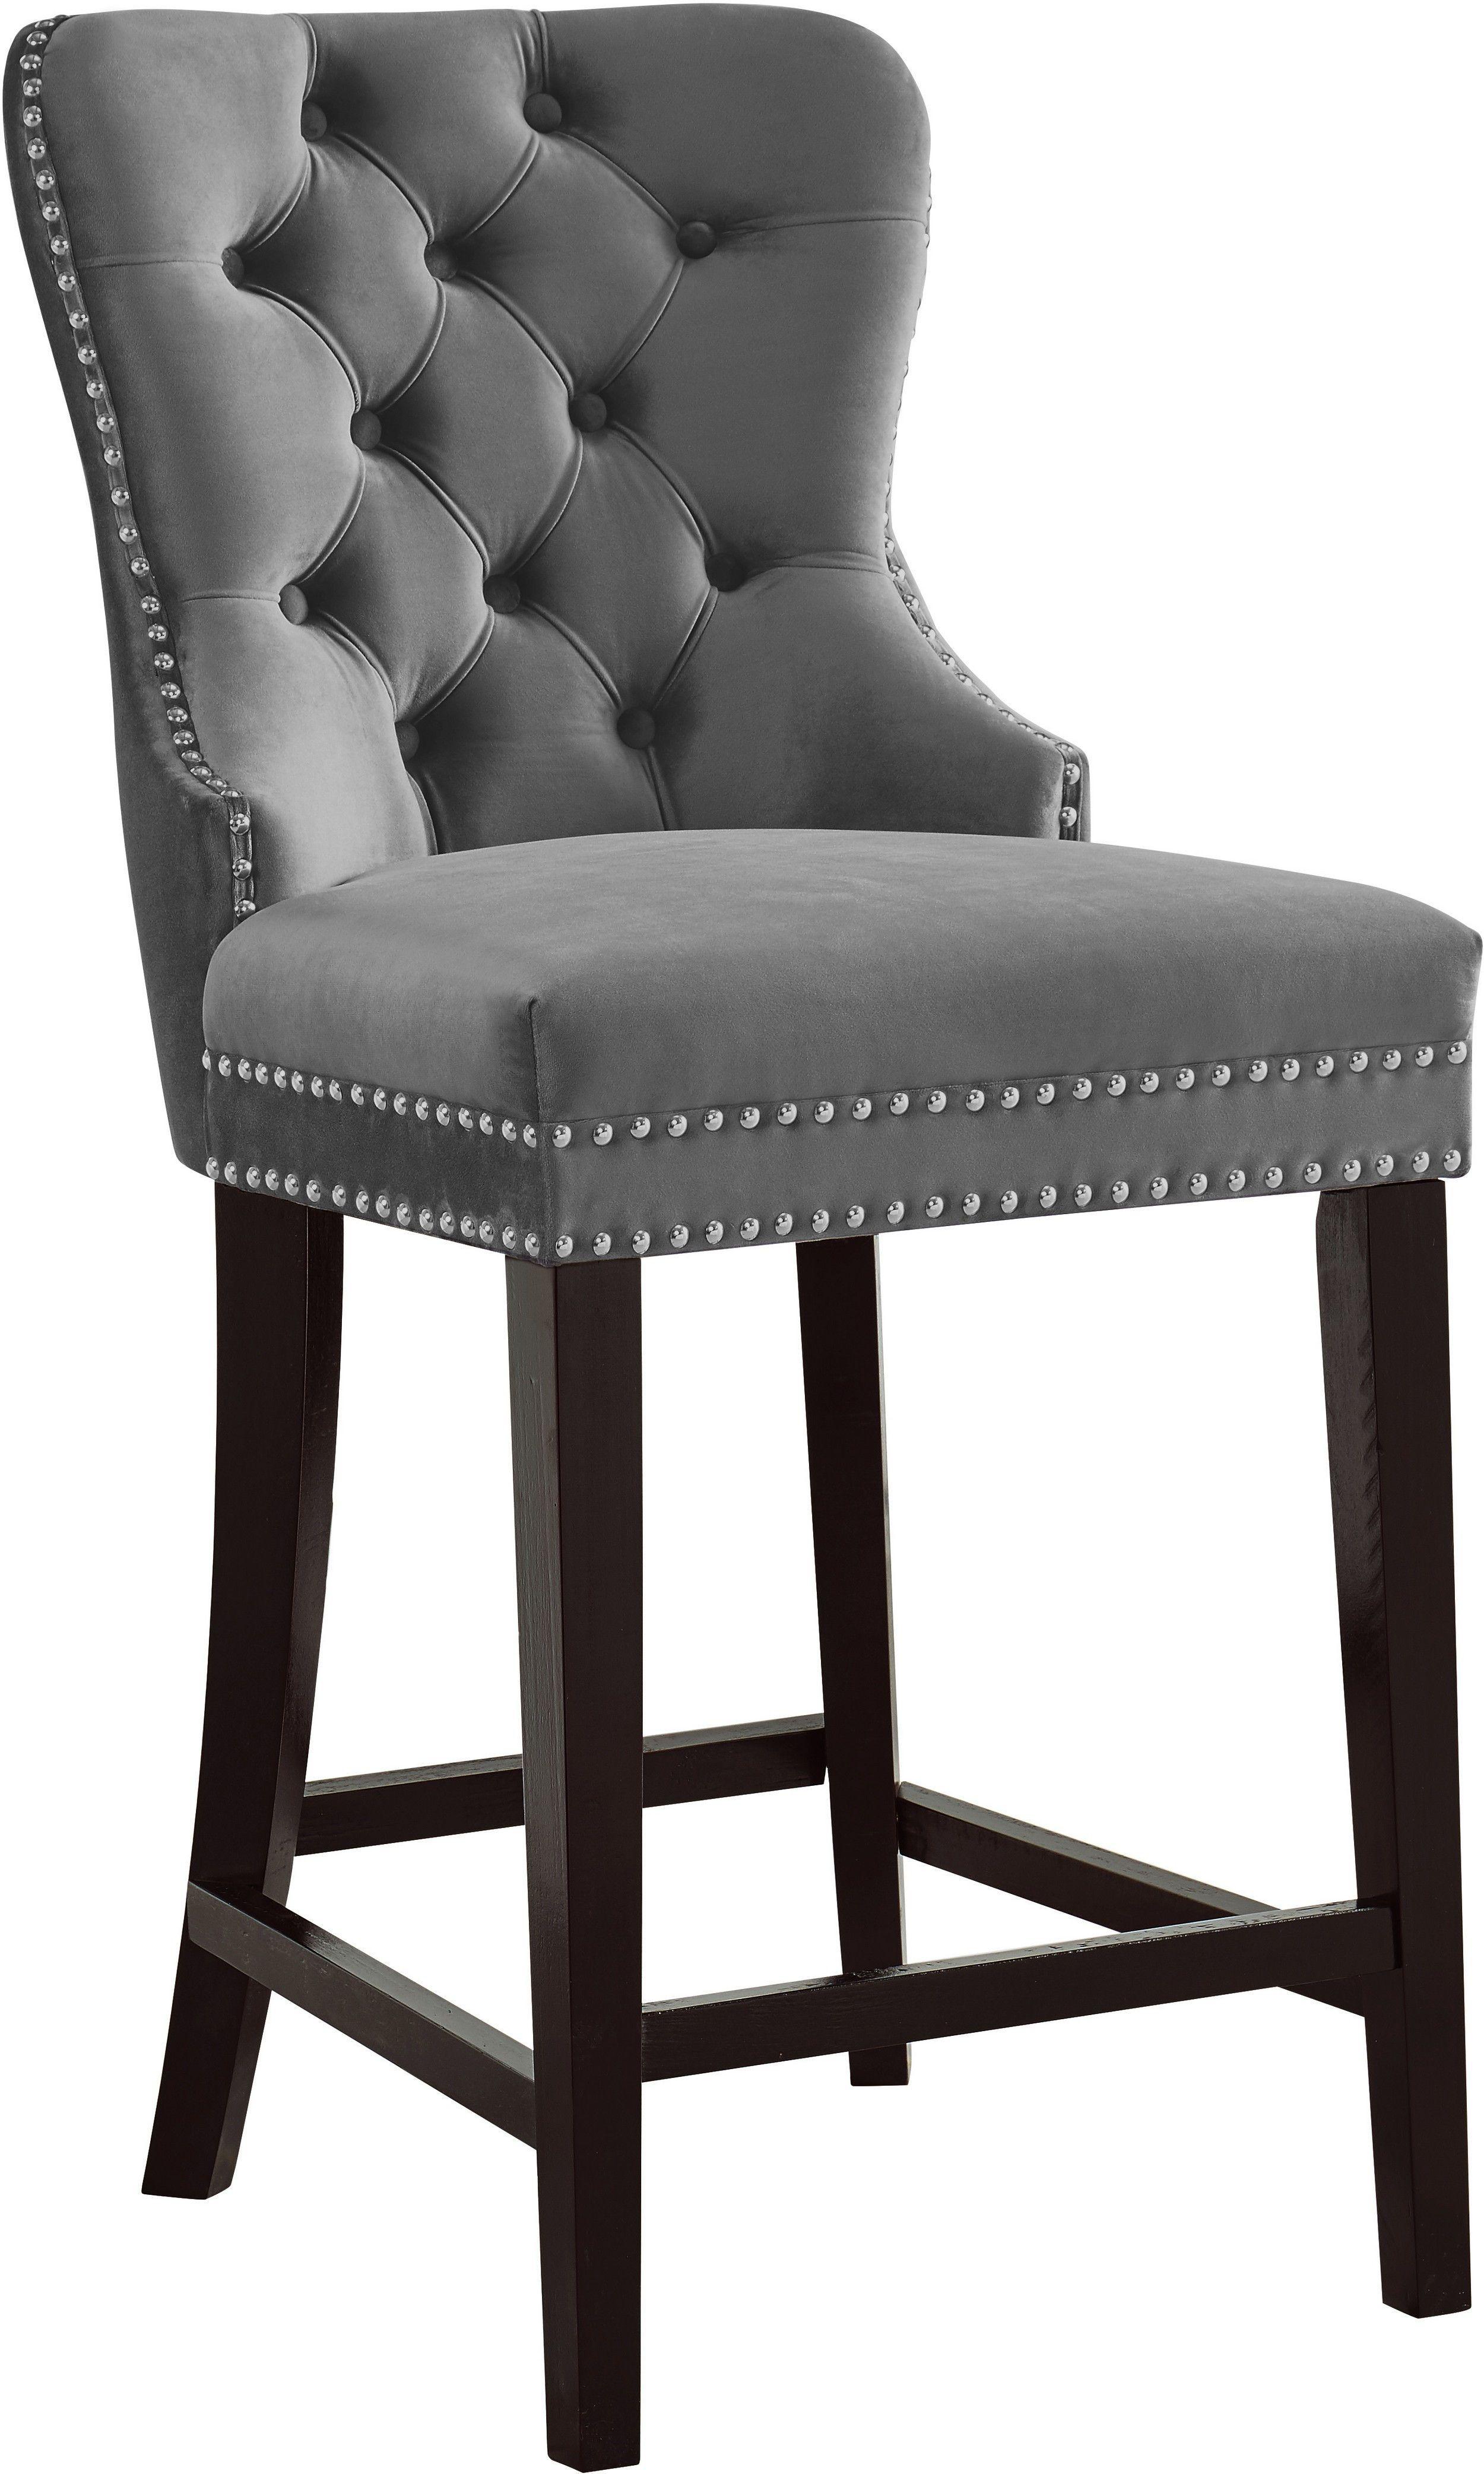 Nikki Gray Bar Stool 741 Meridian Furniture Bar Tables In 2021 Grey Bar Stools Meridian Furniture Velvet Stool